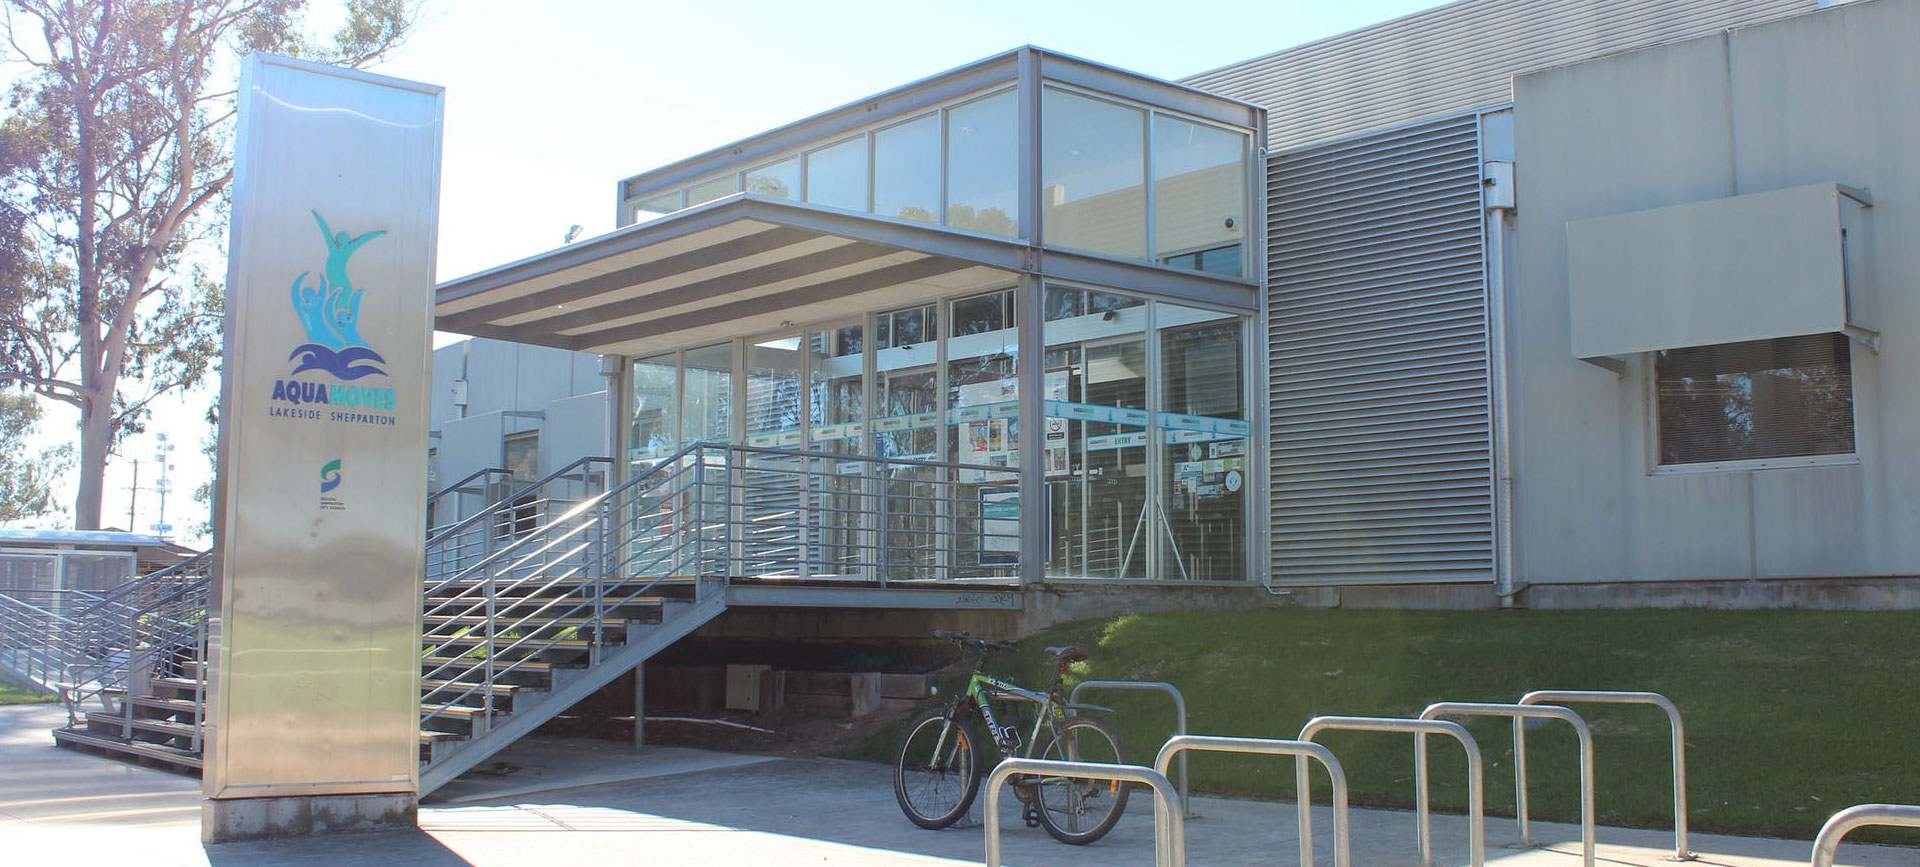 shepparton aquatic centre